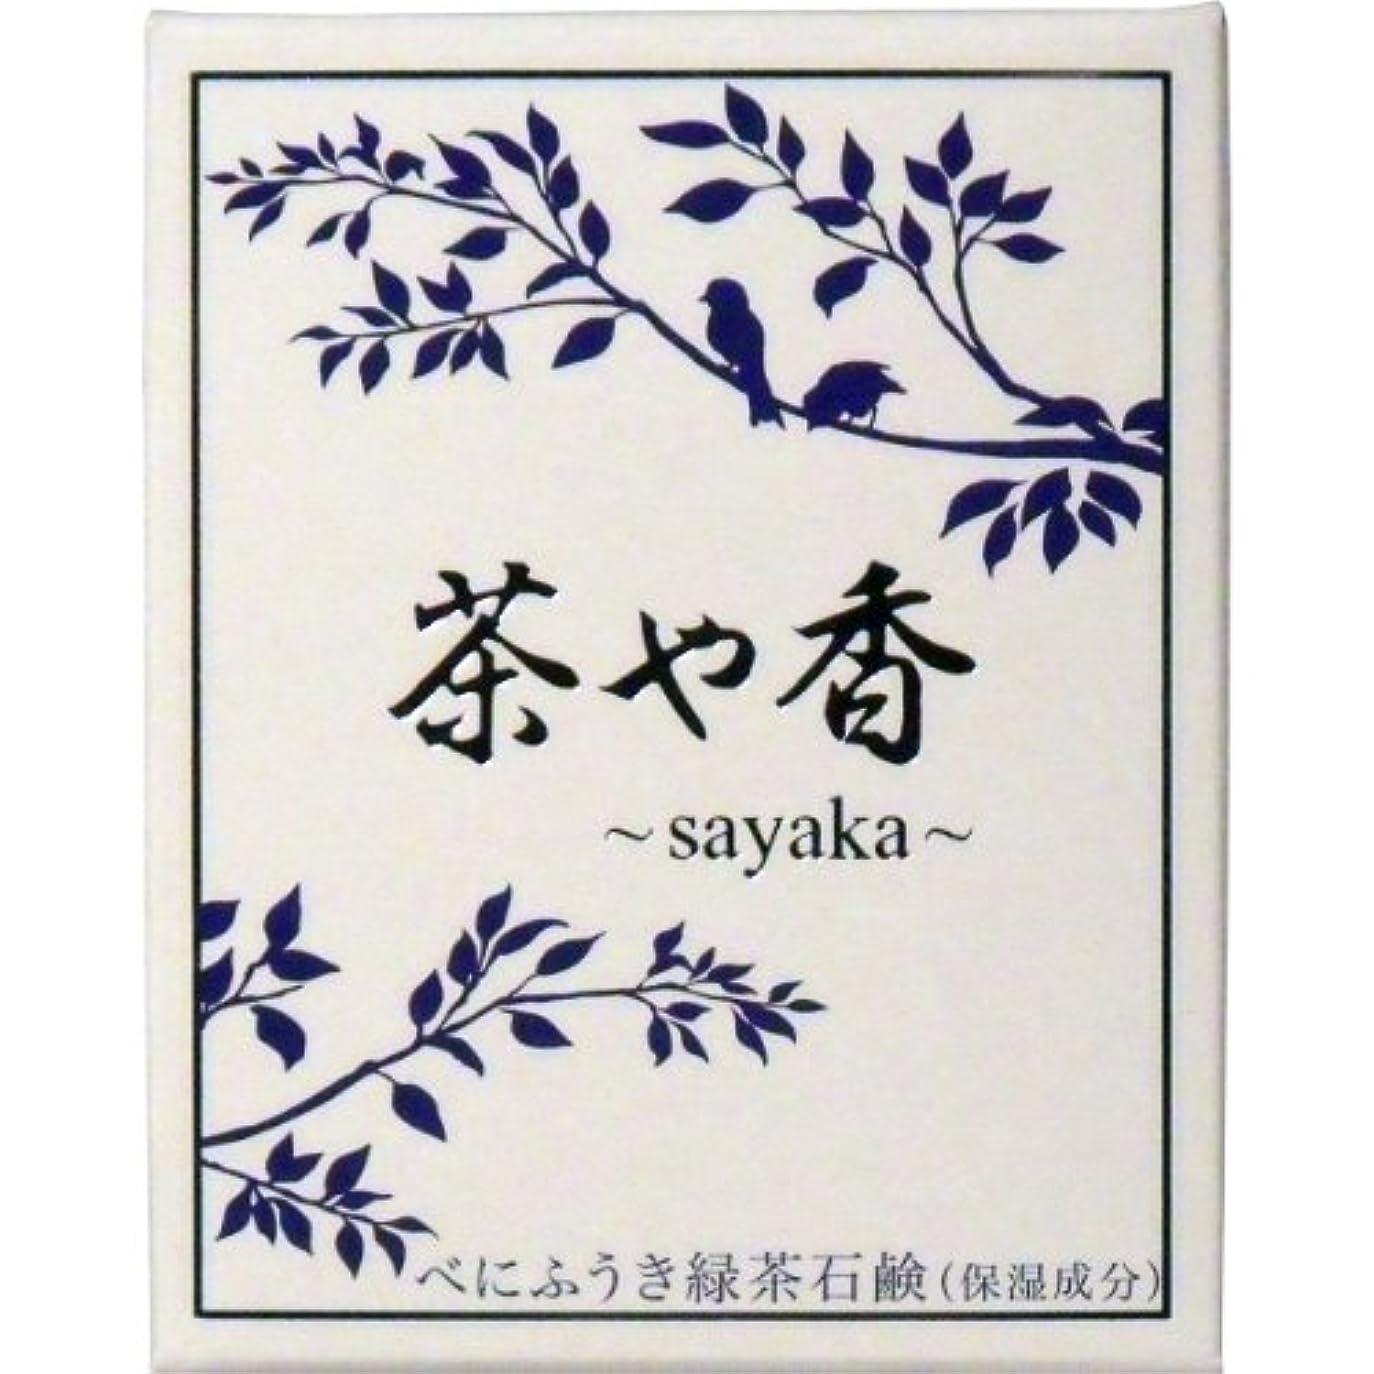 地理推進力オーナメント茶や香 -sayaka- べにふうき緑茶石鹸 100g入 ×3個セット